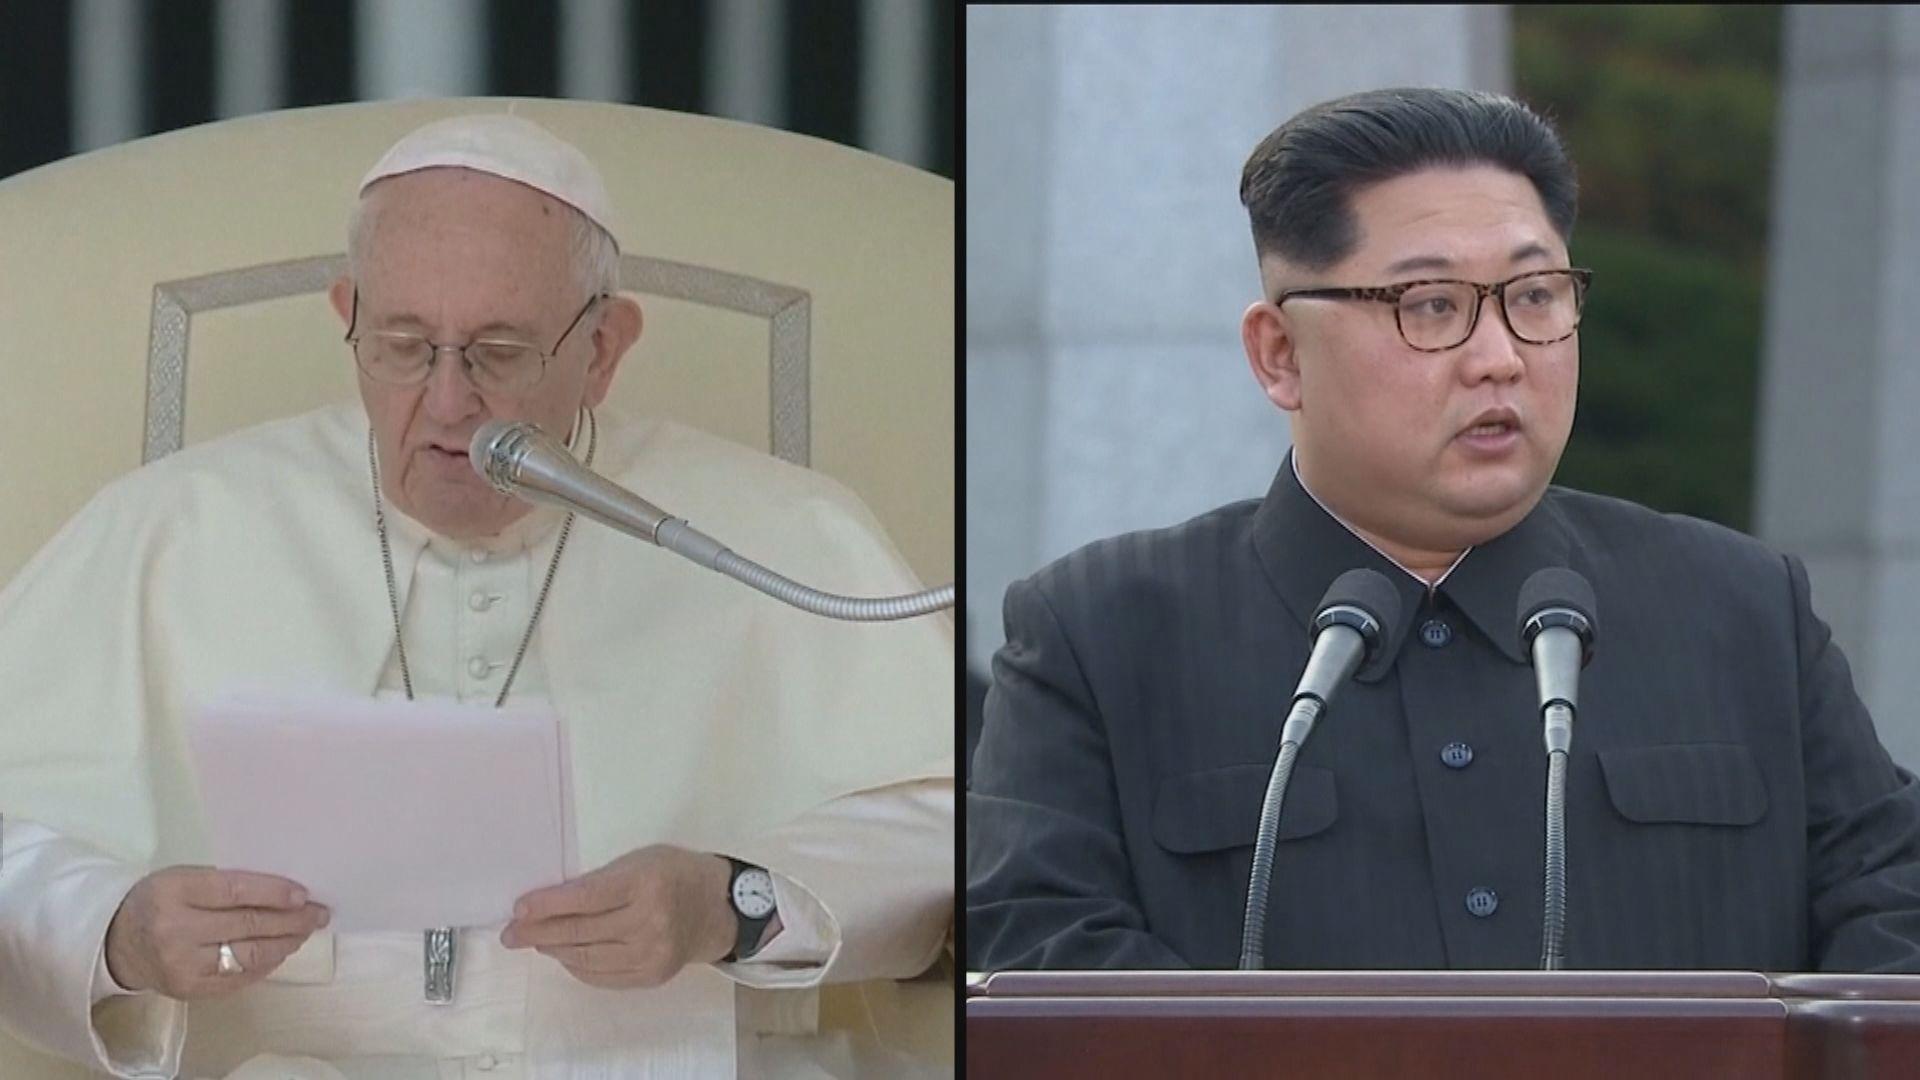 南韓指金正恩邀請教宗方濟各訪問北韓